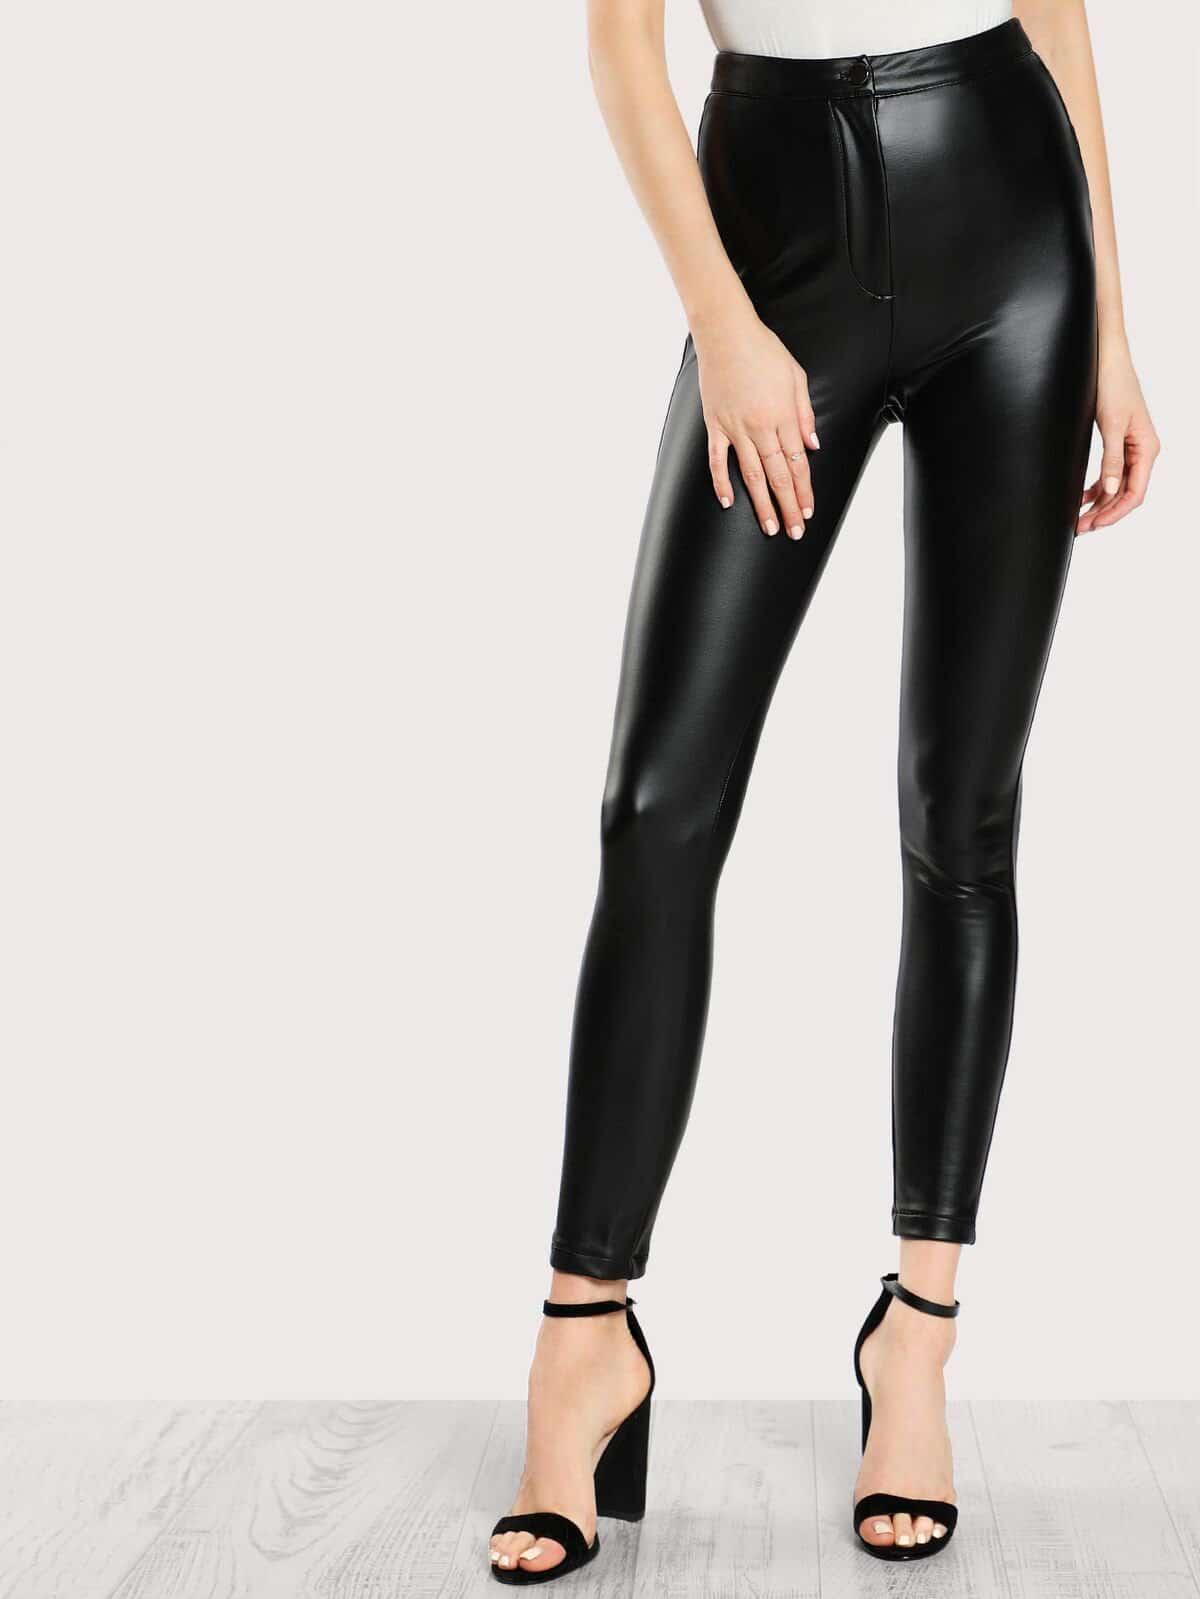 High Rise Coated Skinny Pants high rise coated skinny pants